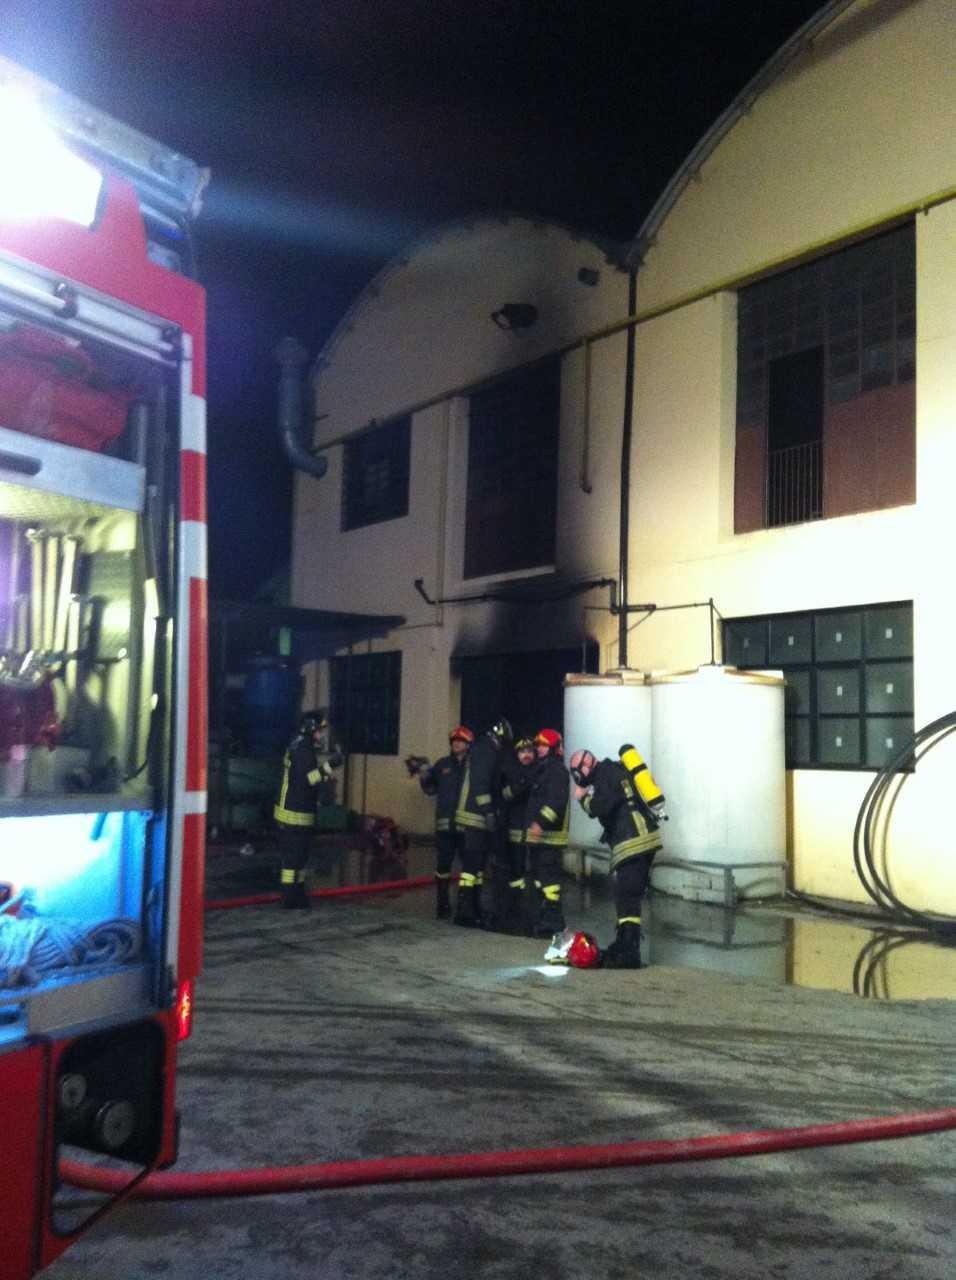 In fiamme un capannone delle industrie Saleri di via Ruca. Le fiamme sono  visibili anche da lunga distanza. In fiamme anche alcune auto. 24626a8d94f